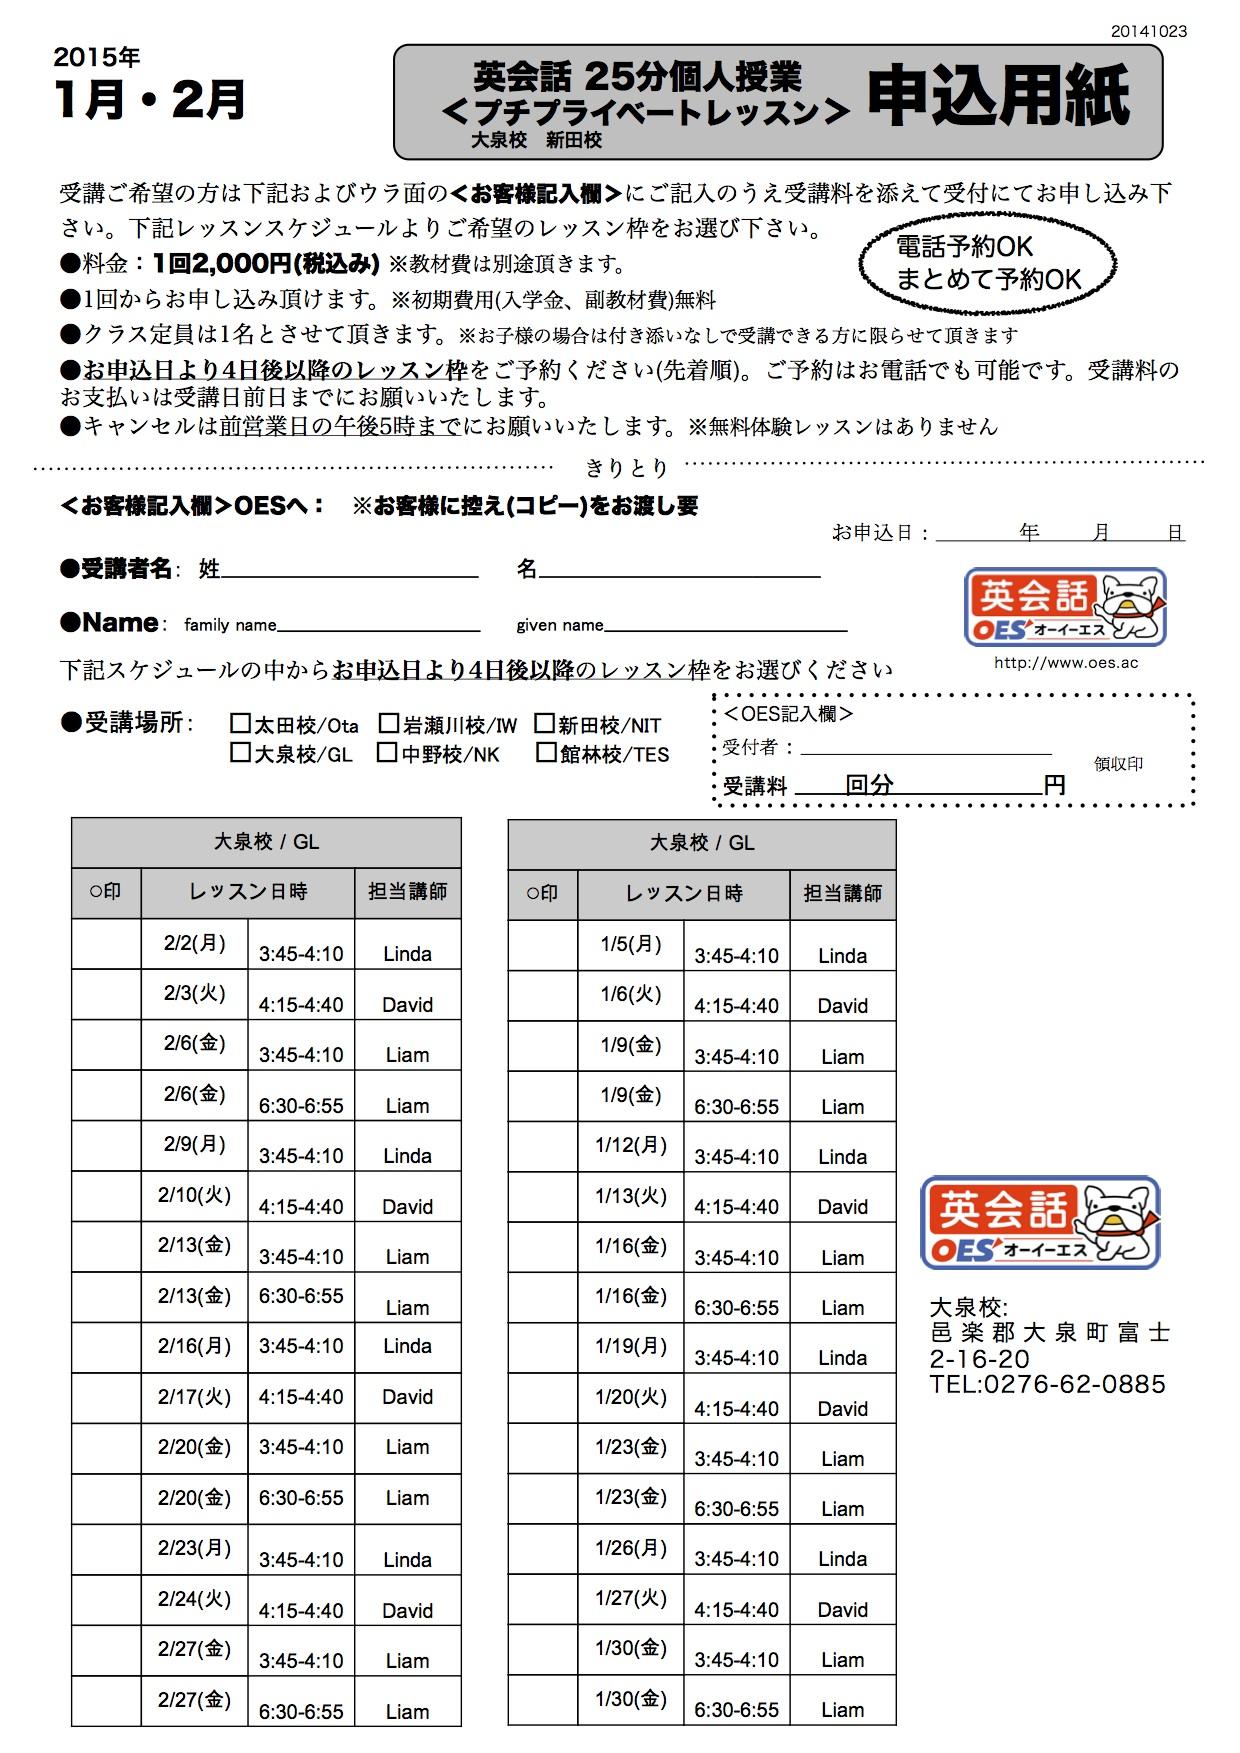 1月2月大泉校 プチプライベートレッスン申込用紙